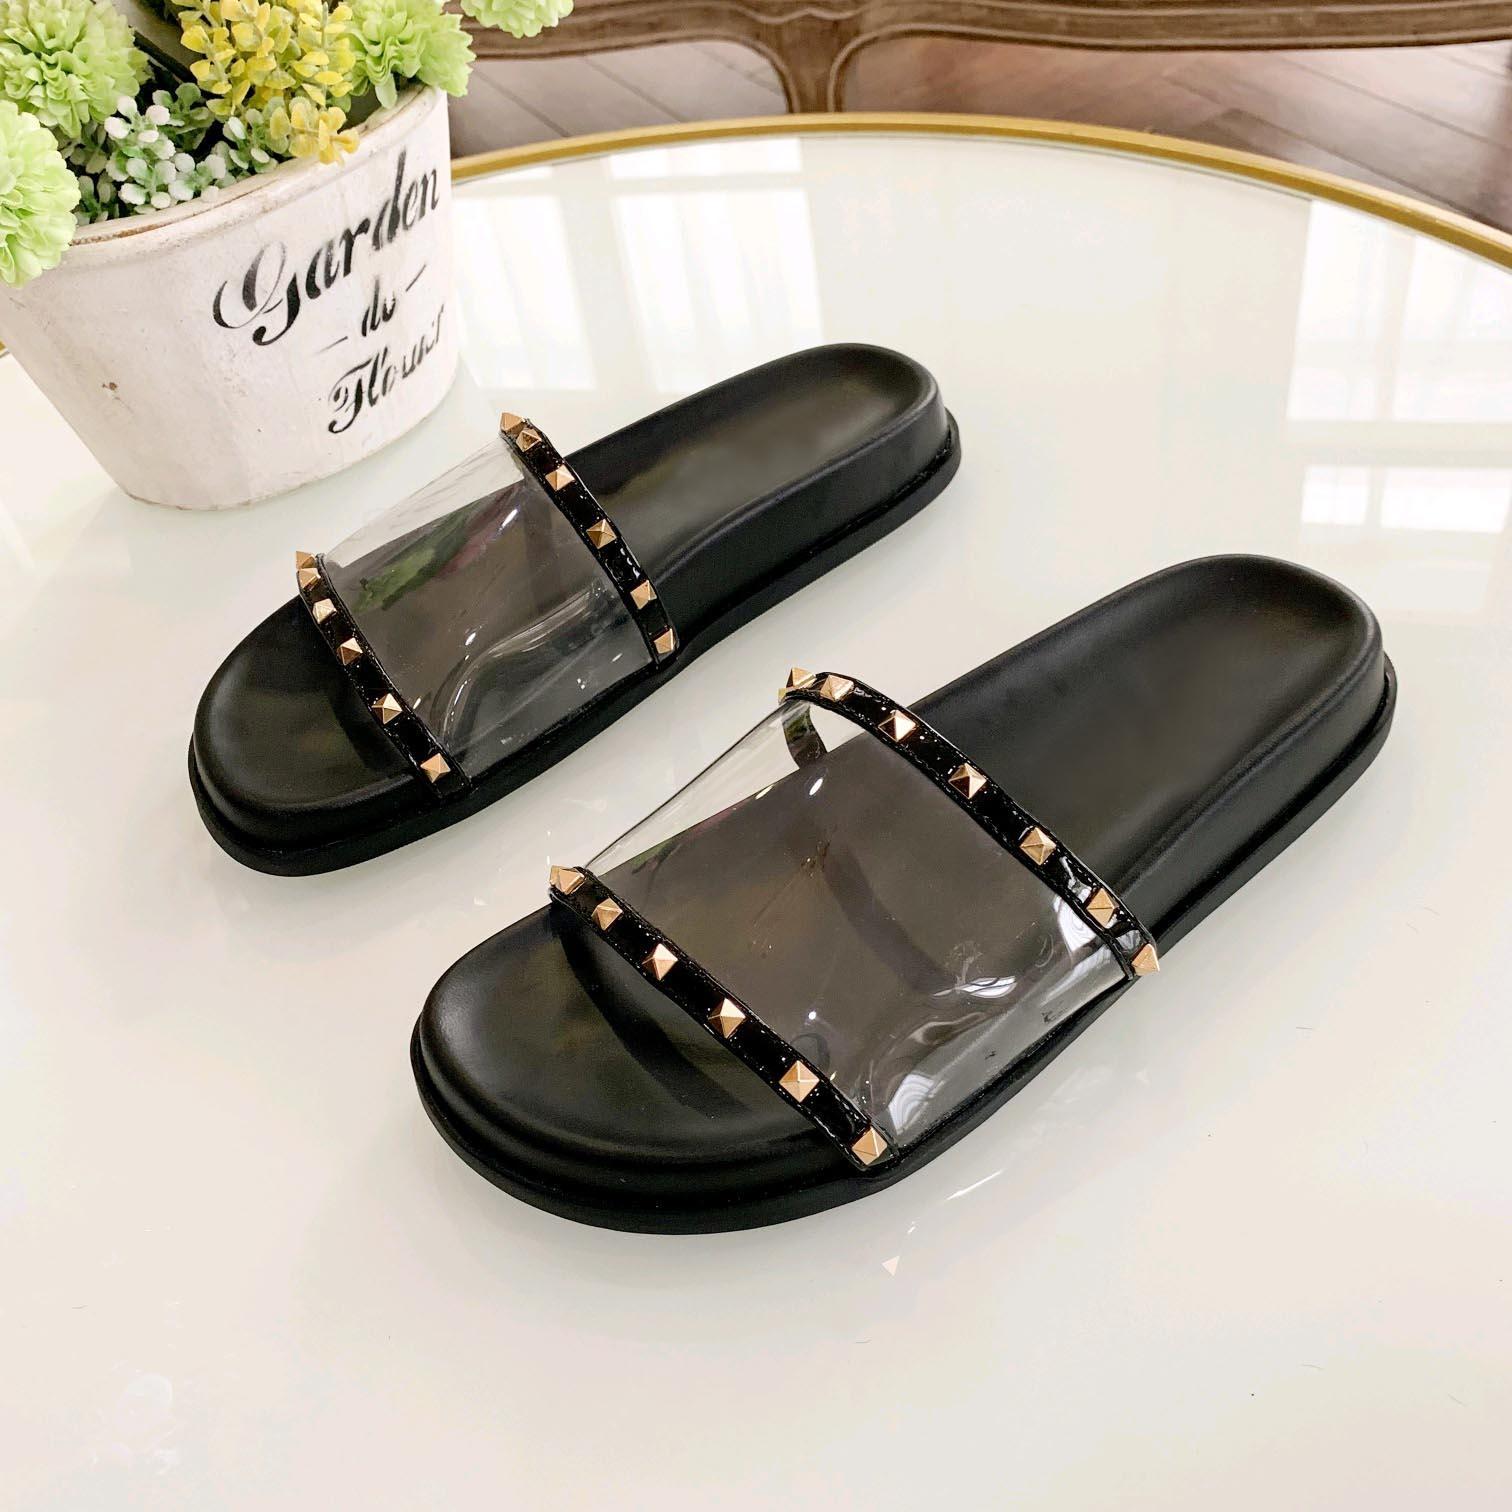 diseñador mujer zapatillas moda remache sandalias mujeres tendencia diseñador remache zapatilla superior calidad con el tamaño de la caja 35-40